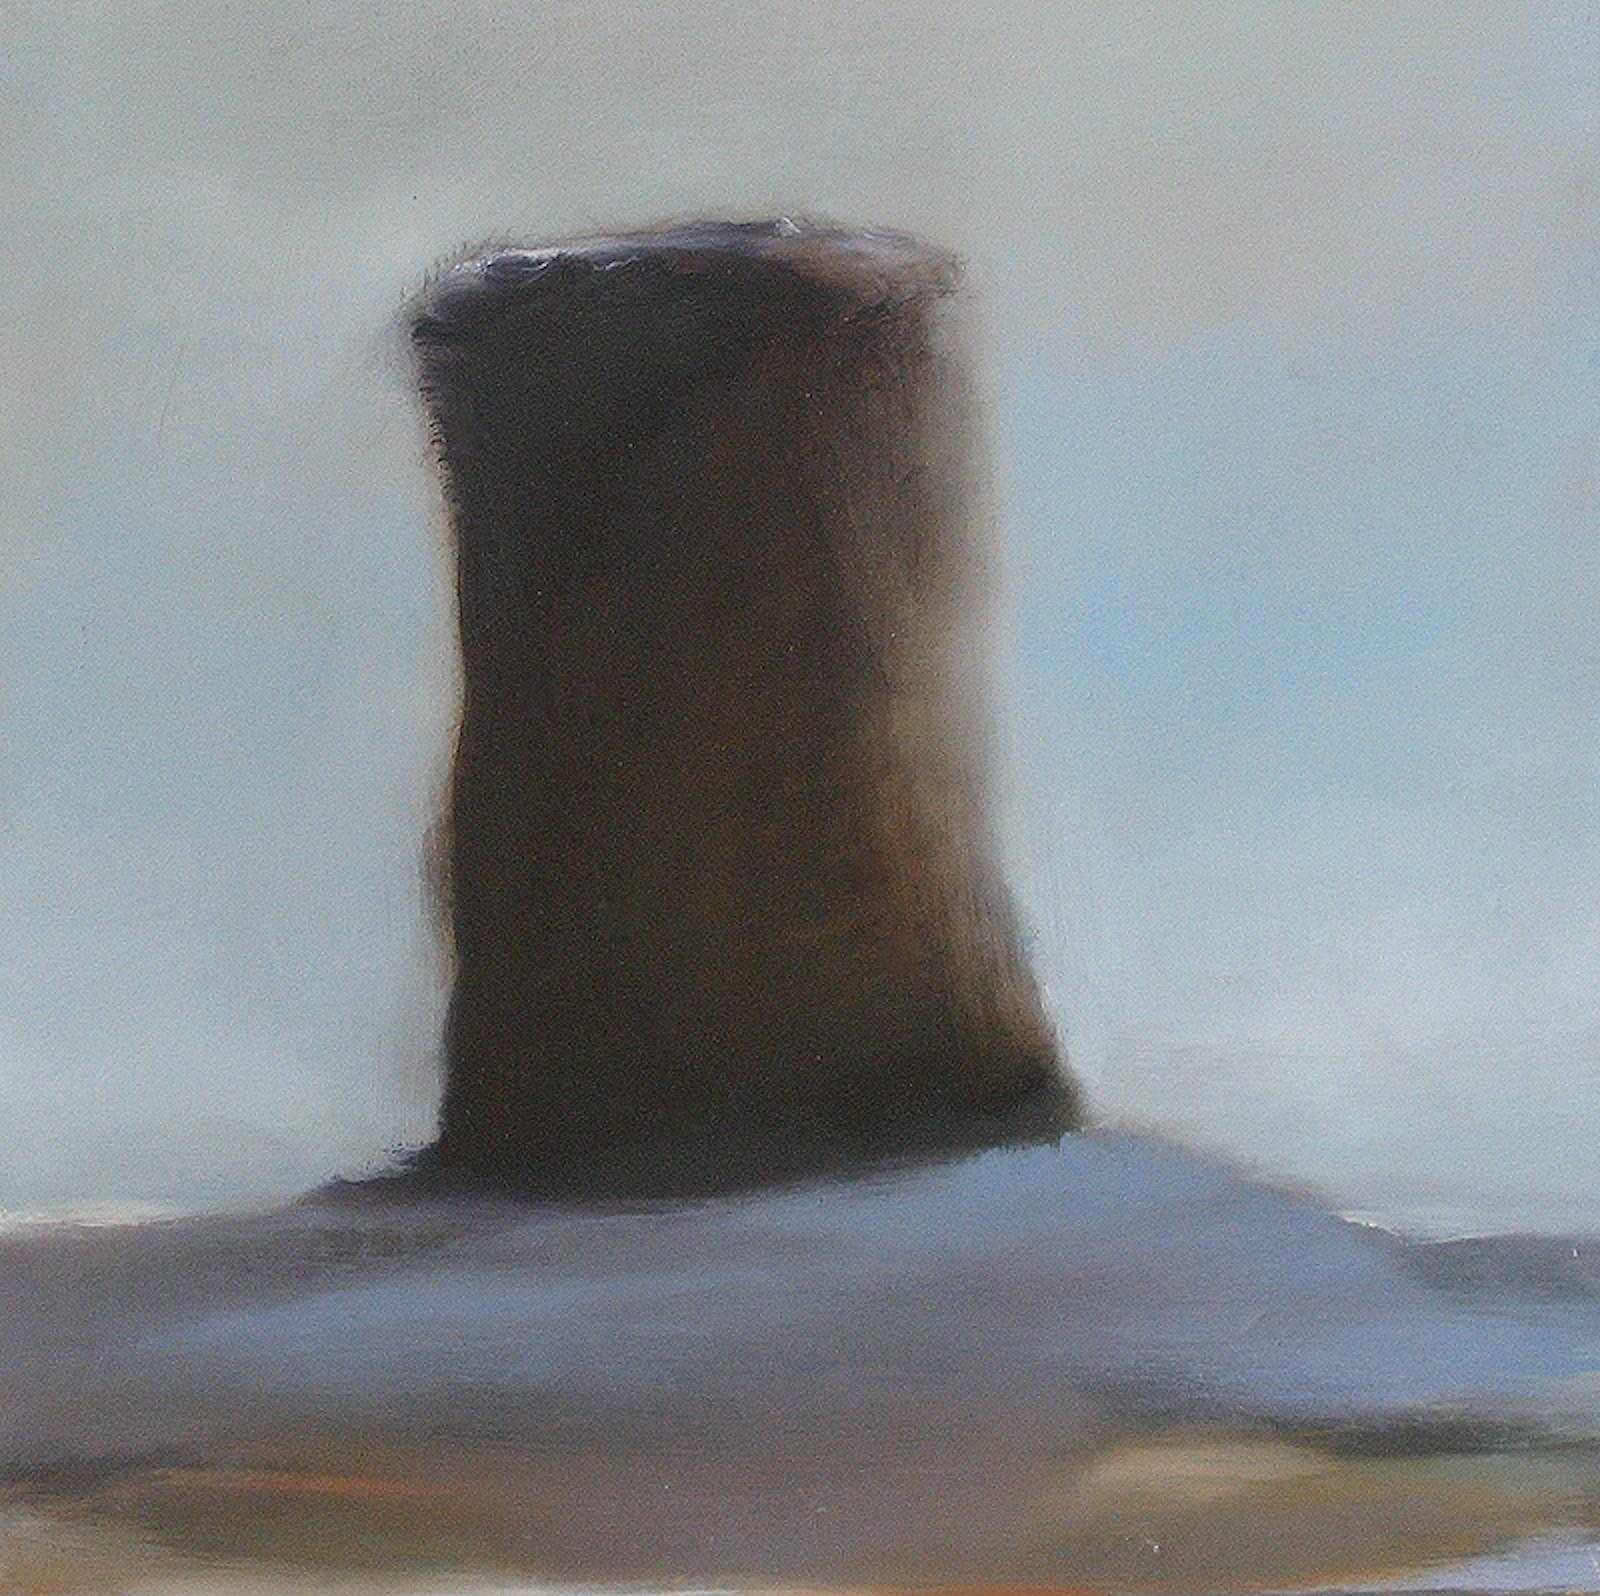 öljy levylle, 25 x 25cm, 2006